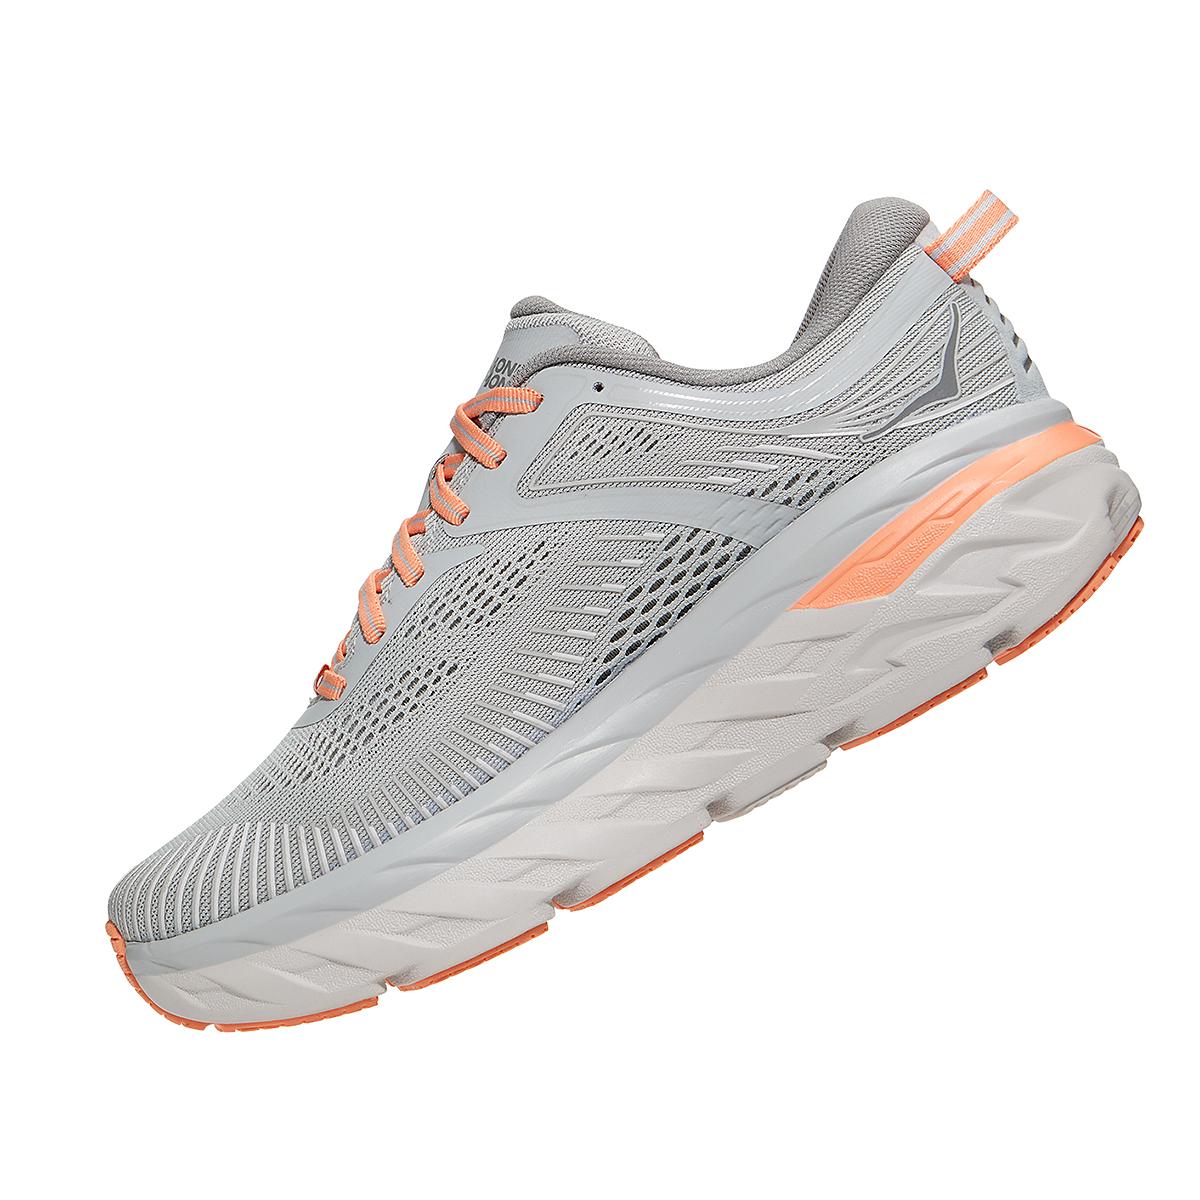 Women's Hoka One One Bondi 7 Running Shoe - Color: Harbor Mist/Sharkskin - Size: 5 - Width: Regular, Harbor Mist/Sharkskin, large, image 3